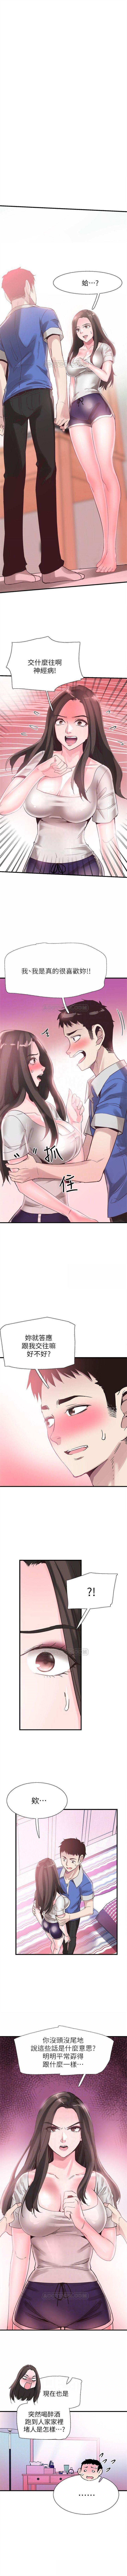 (週7)校園live秀 1-50 中文翻譯(更新中) 236